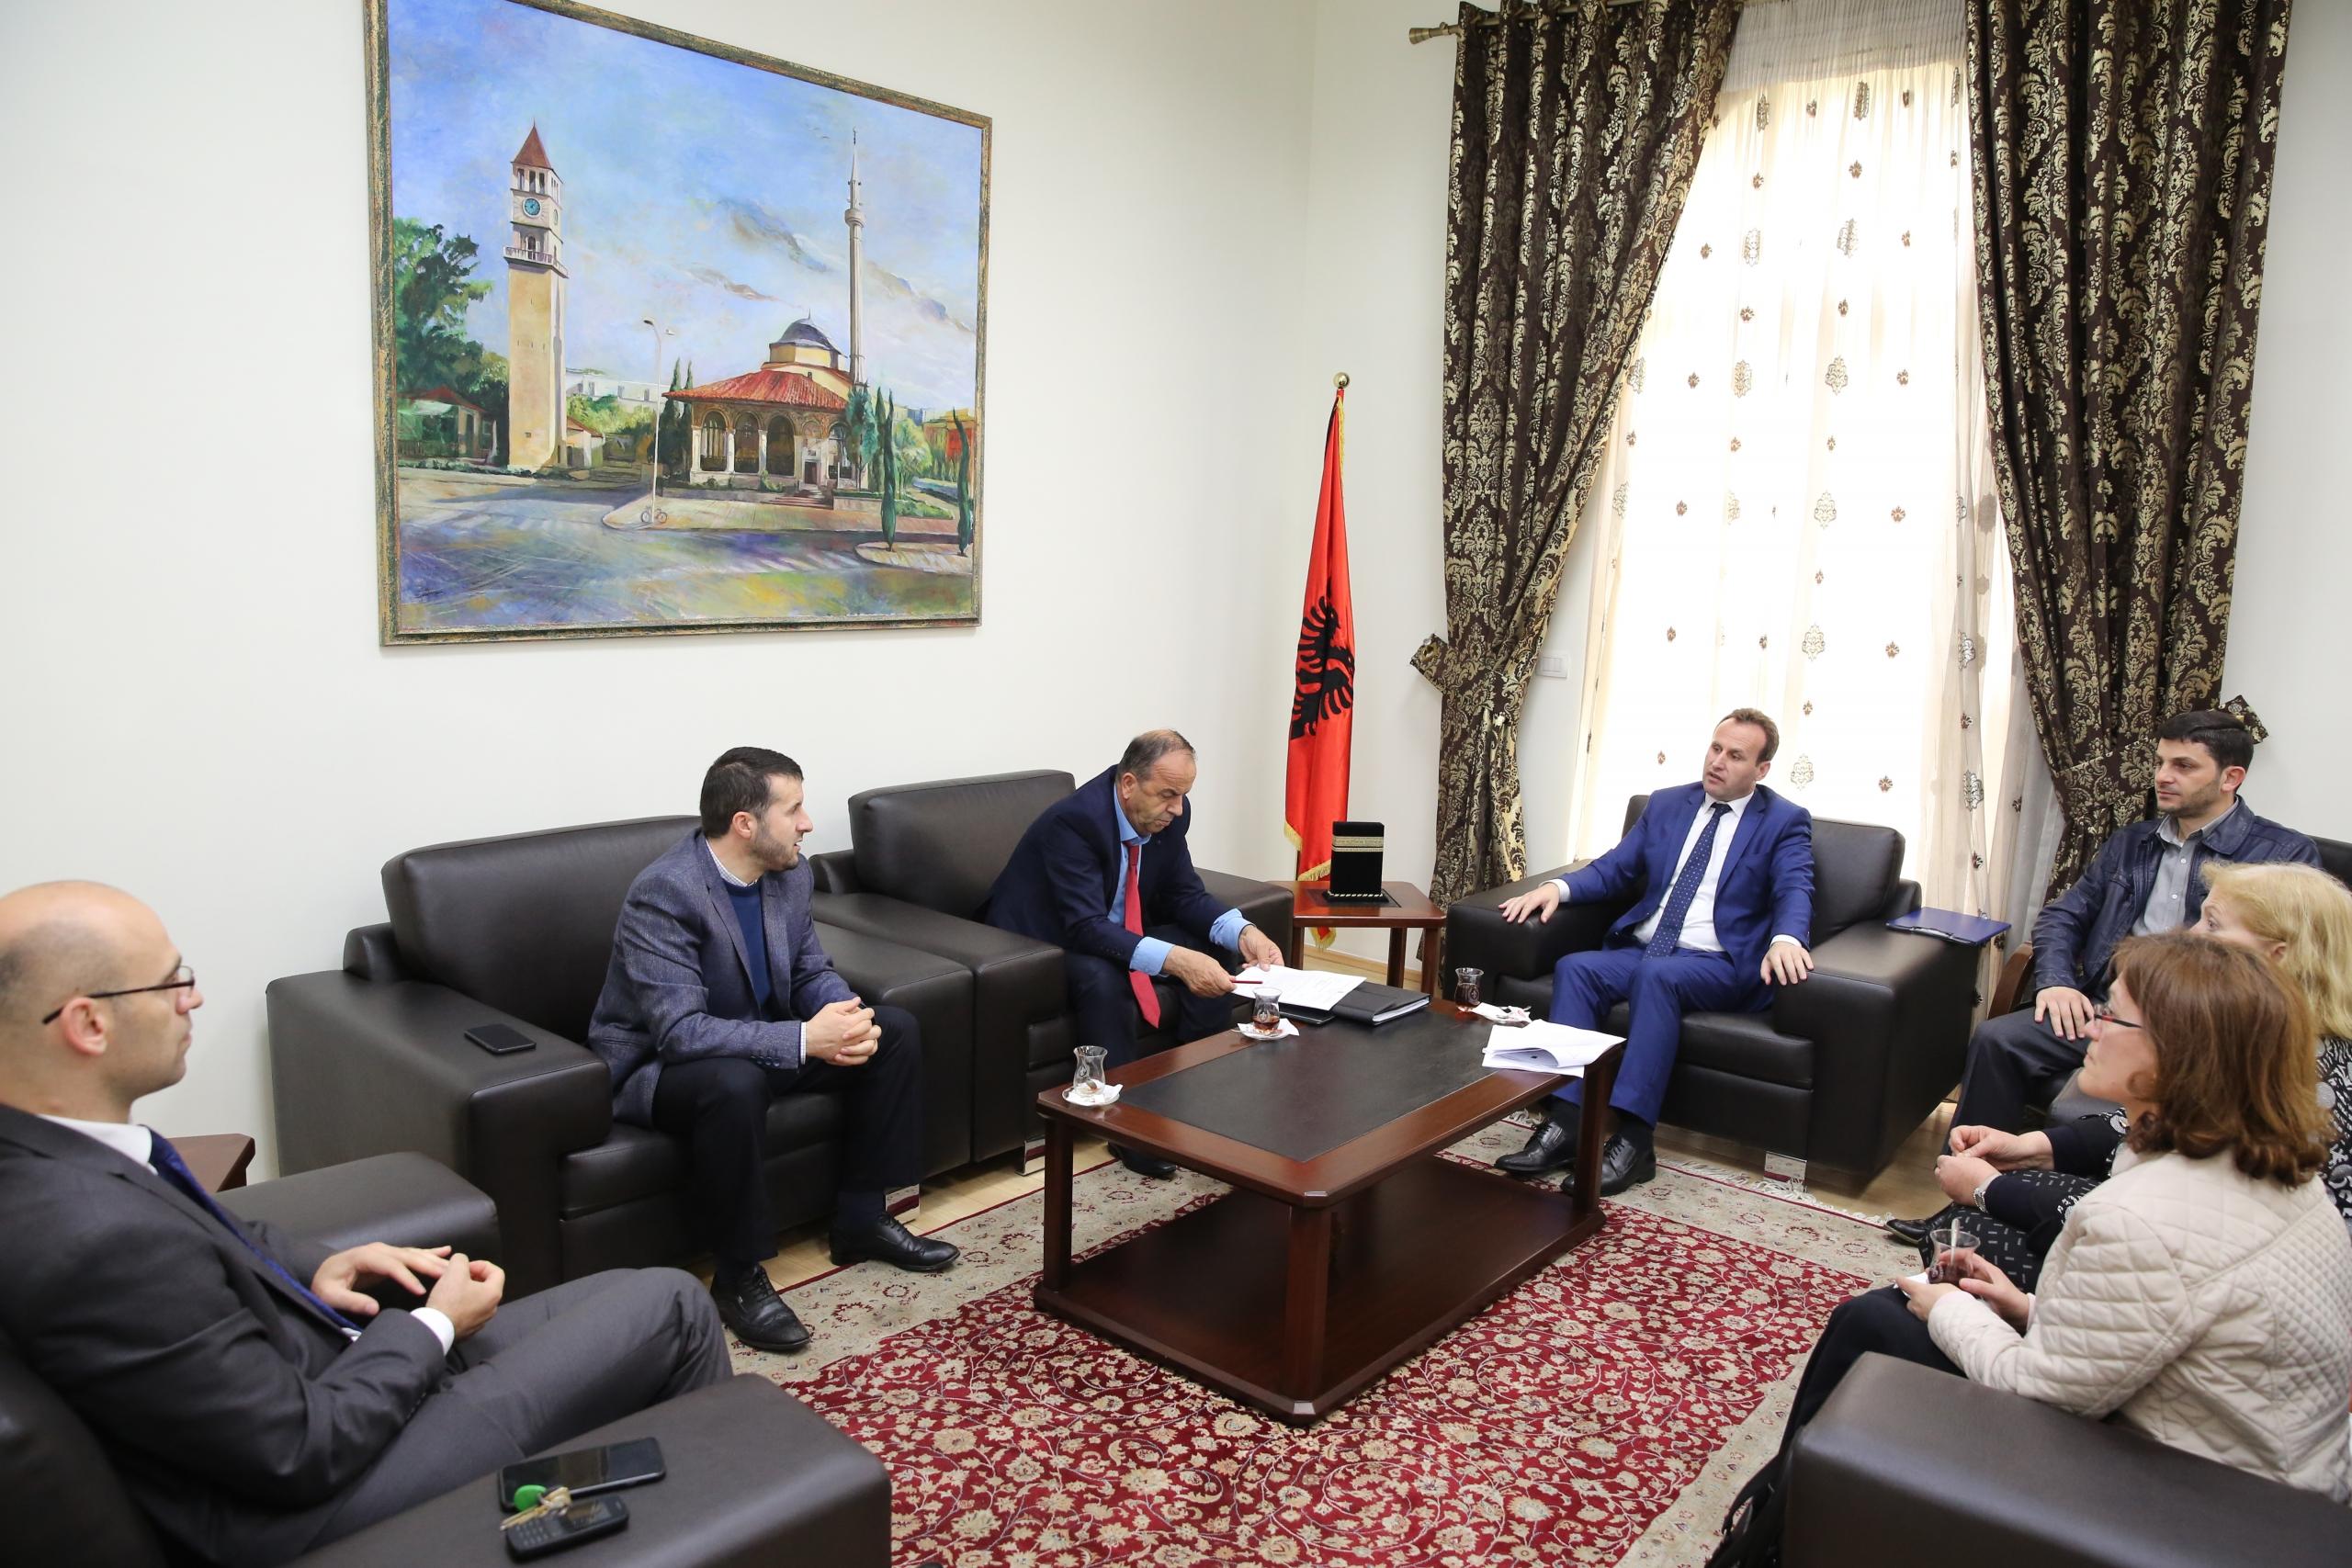 Kreu i KMSH-së pret në takim drejtuesit e Medresesë së Durrësit dhe Shkodrës